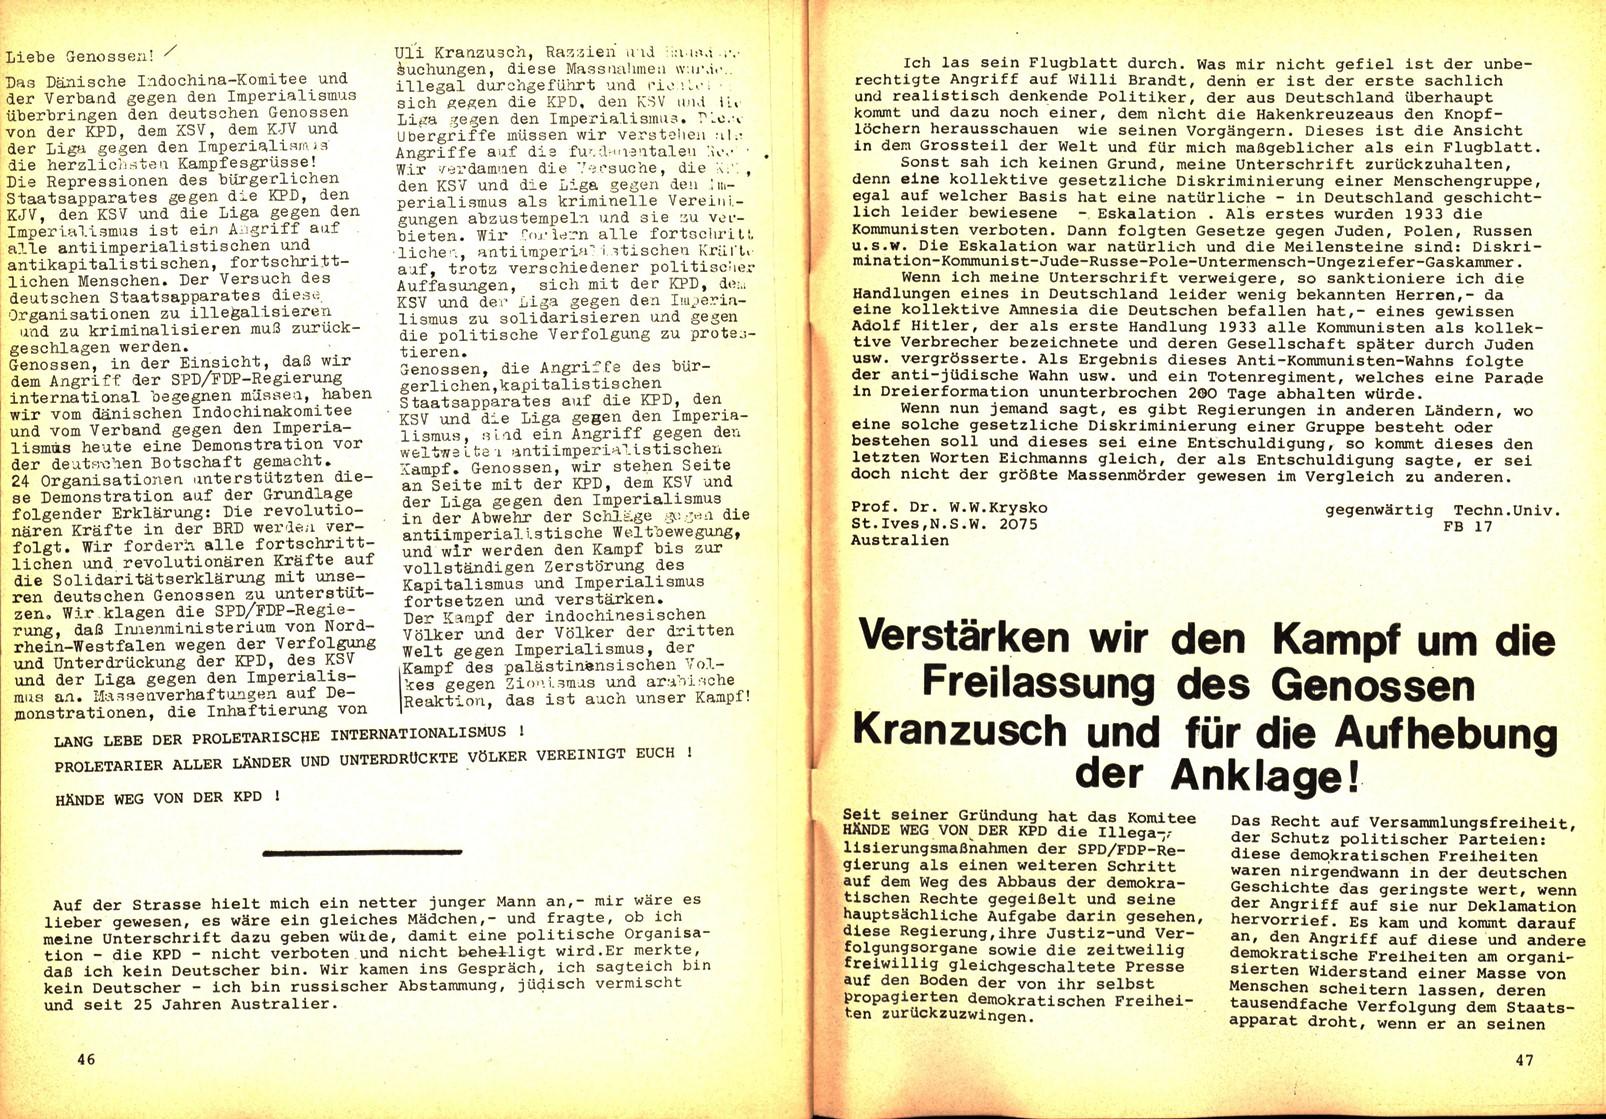 Komitee_Haende_weg_von_der_KPD_1973_Freiheit_fuer_Uli_Kranzusch_25